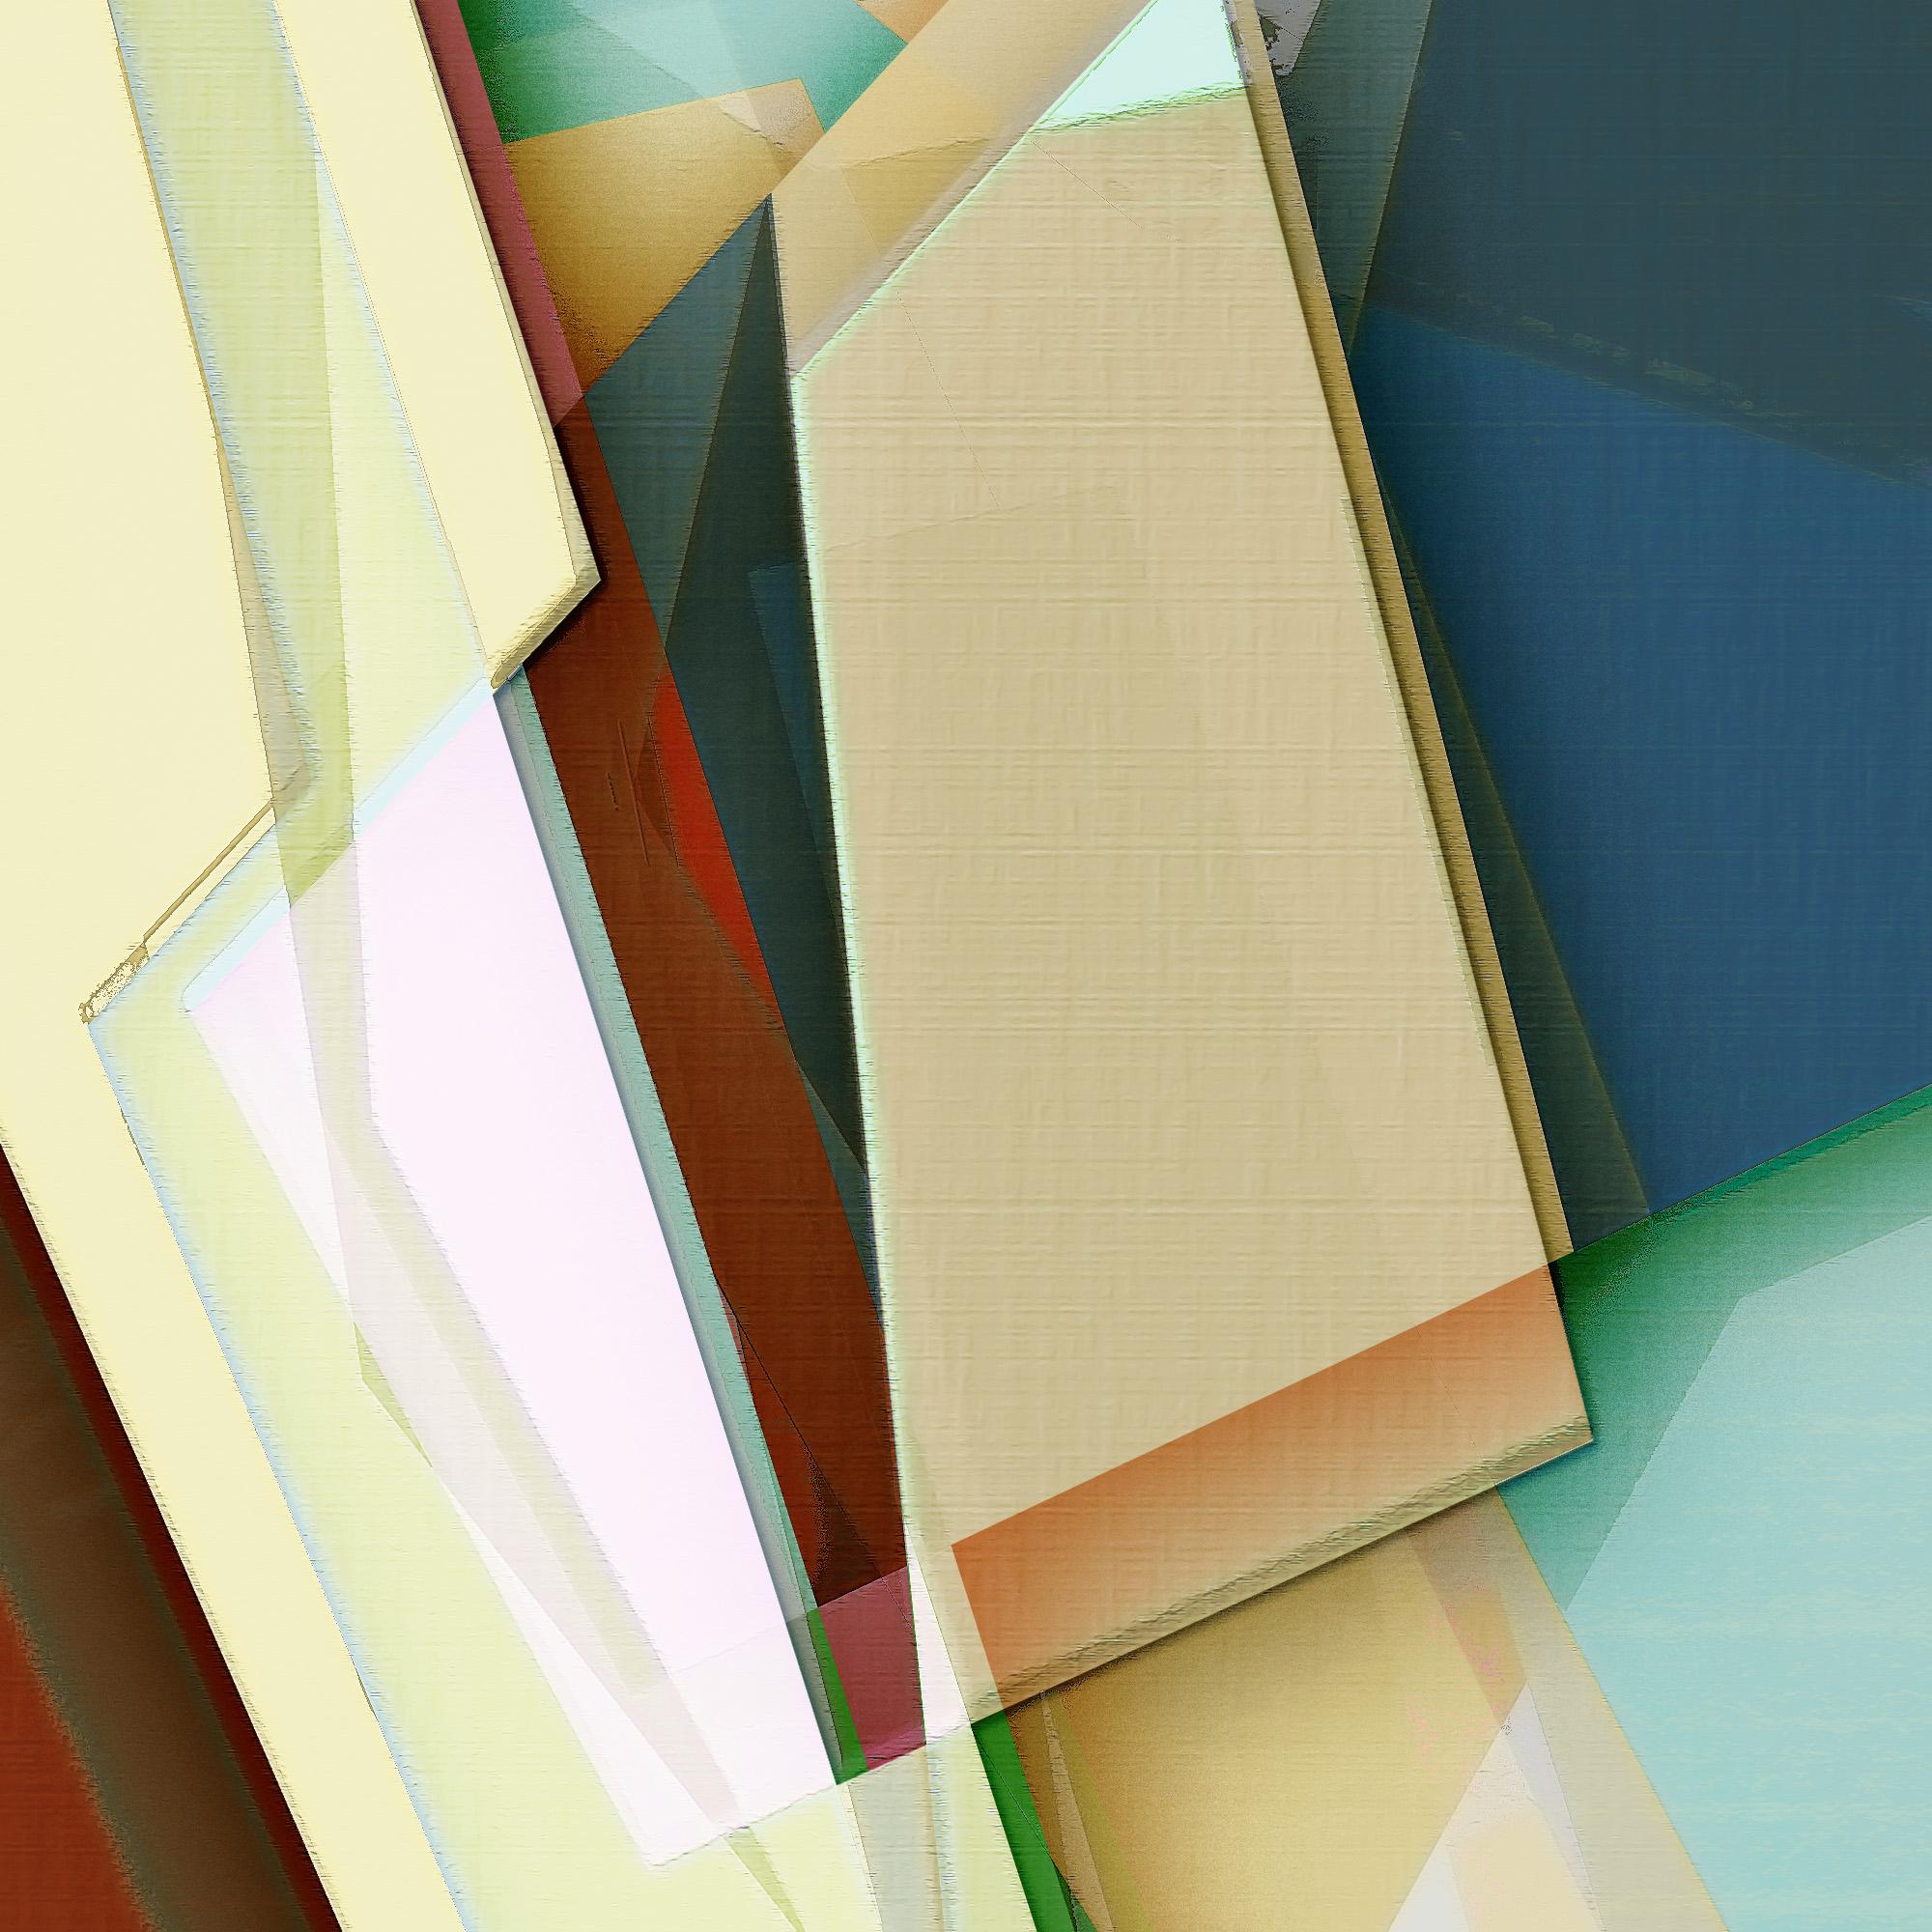 190109_Wishing_Hard_Detail1.jpg